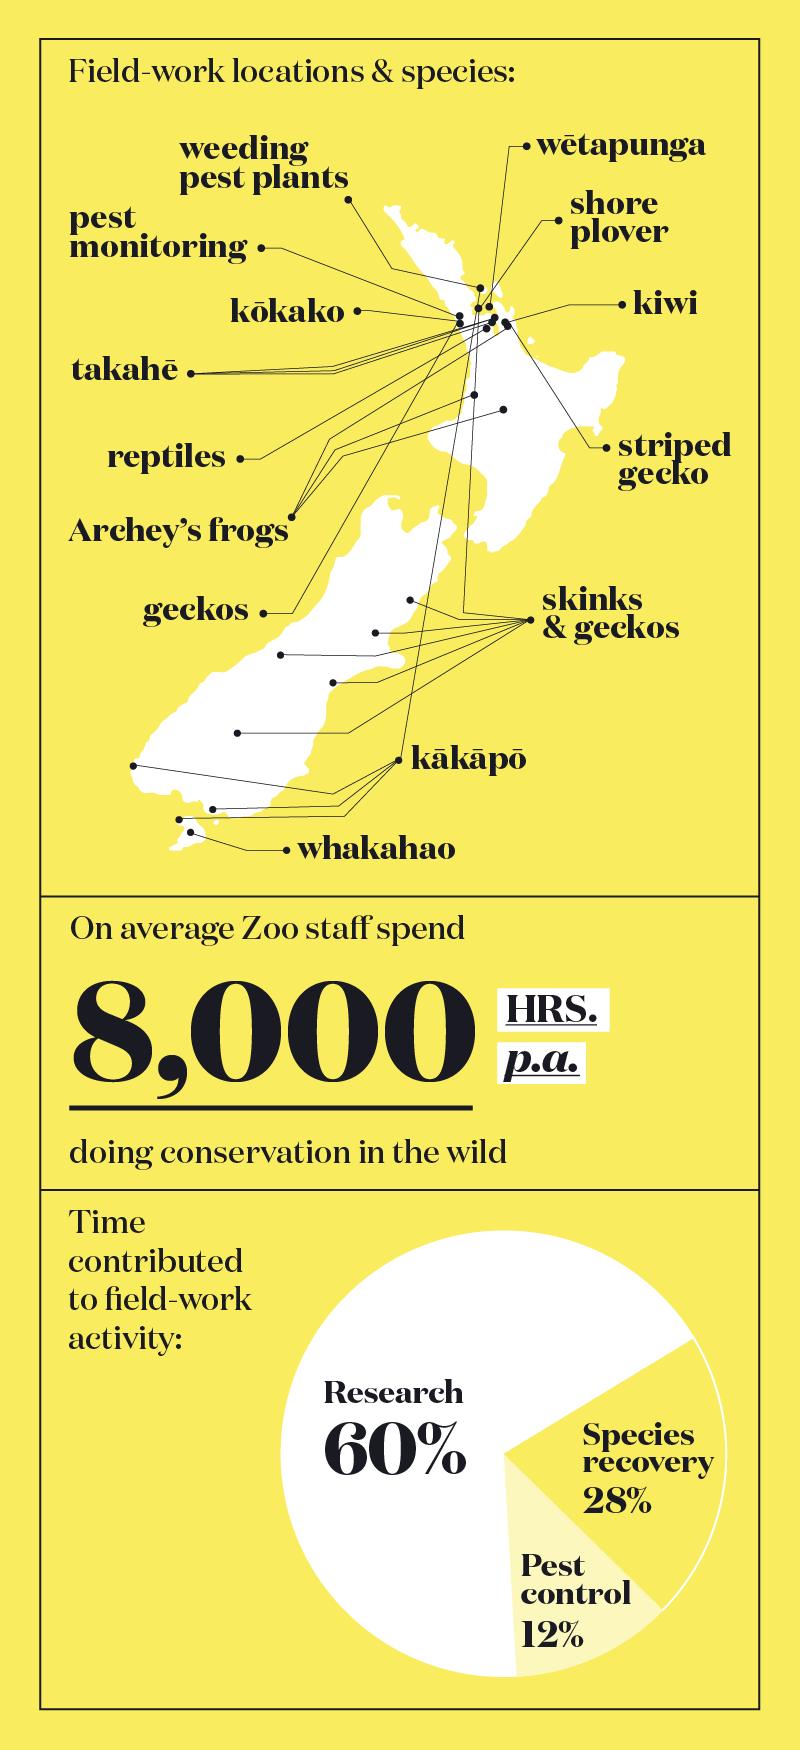 https://rfacdn.nz/zoo/assets/media/infographic-fieldwork.png